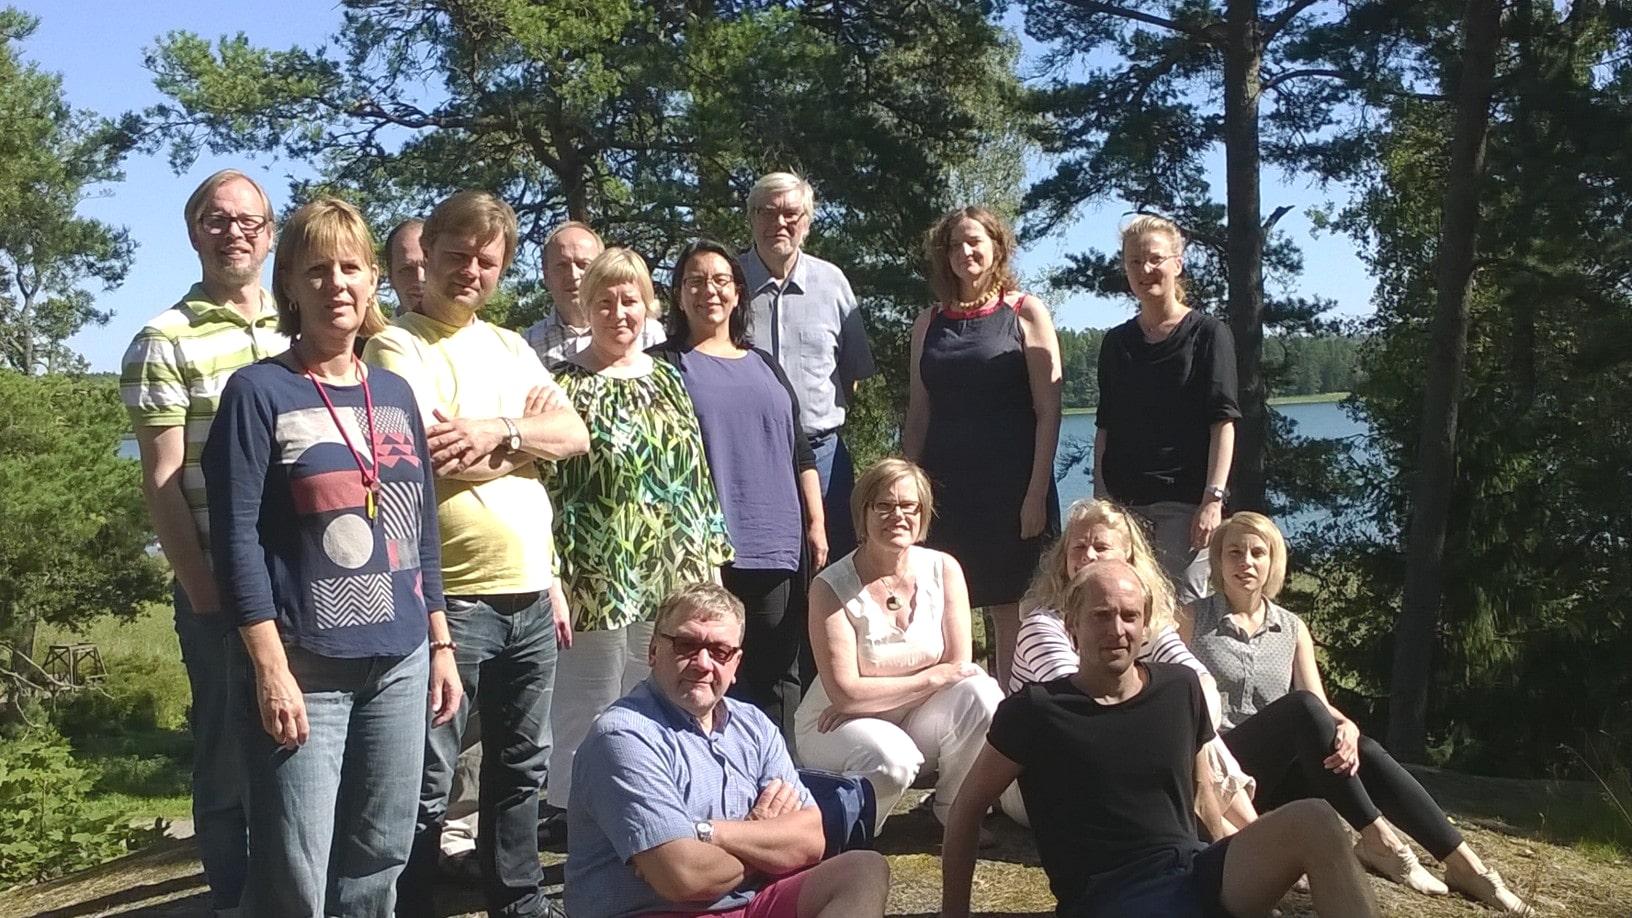 gloria elokuun horoskooppi Savonlinna